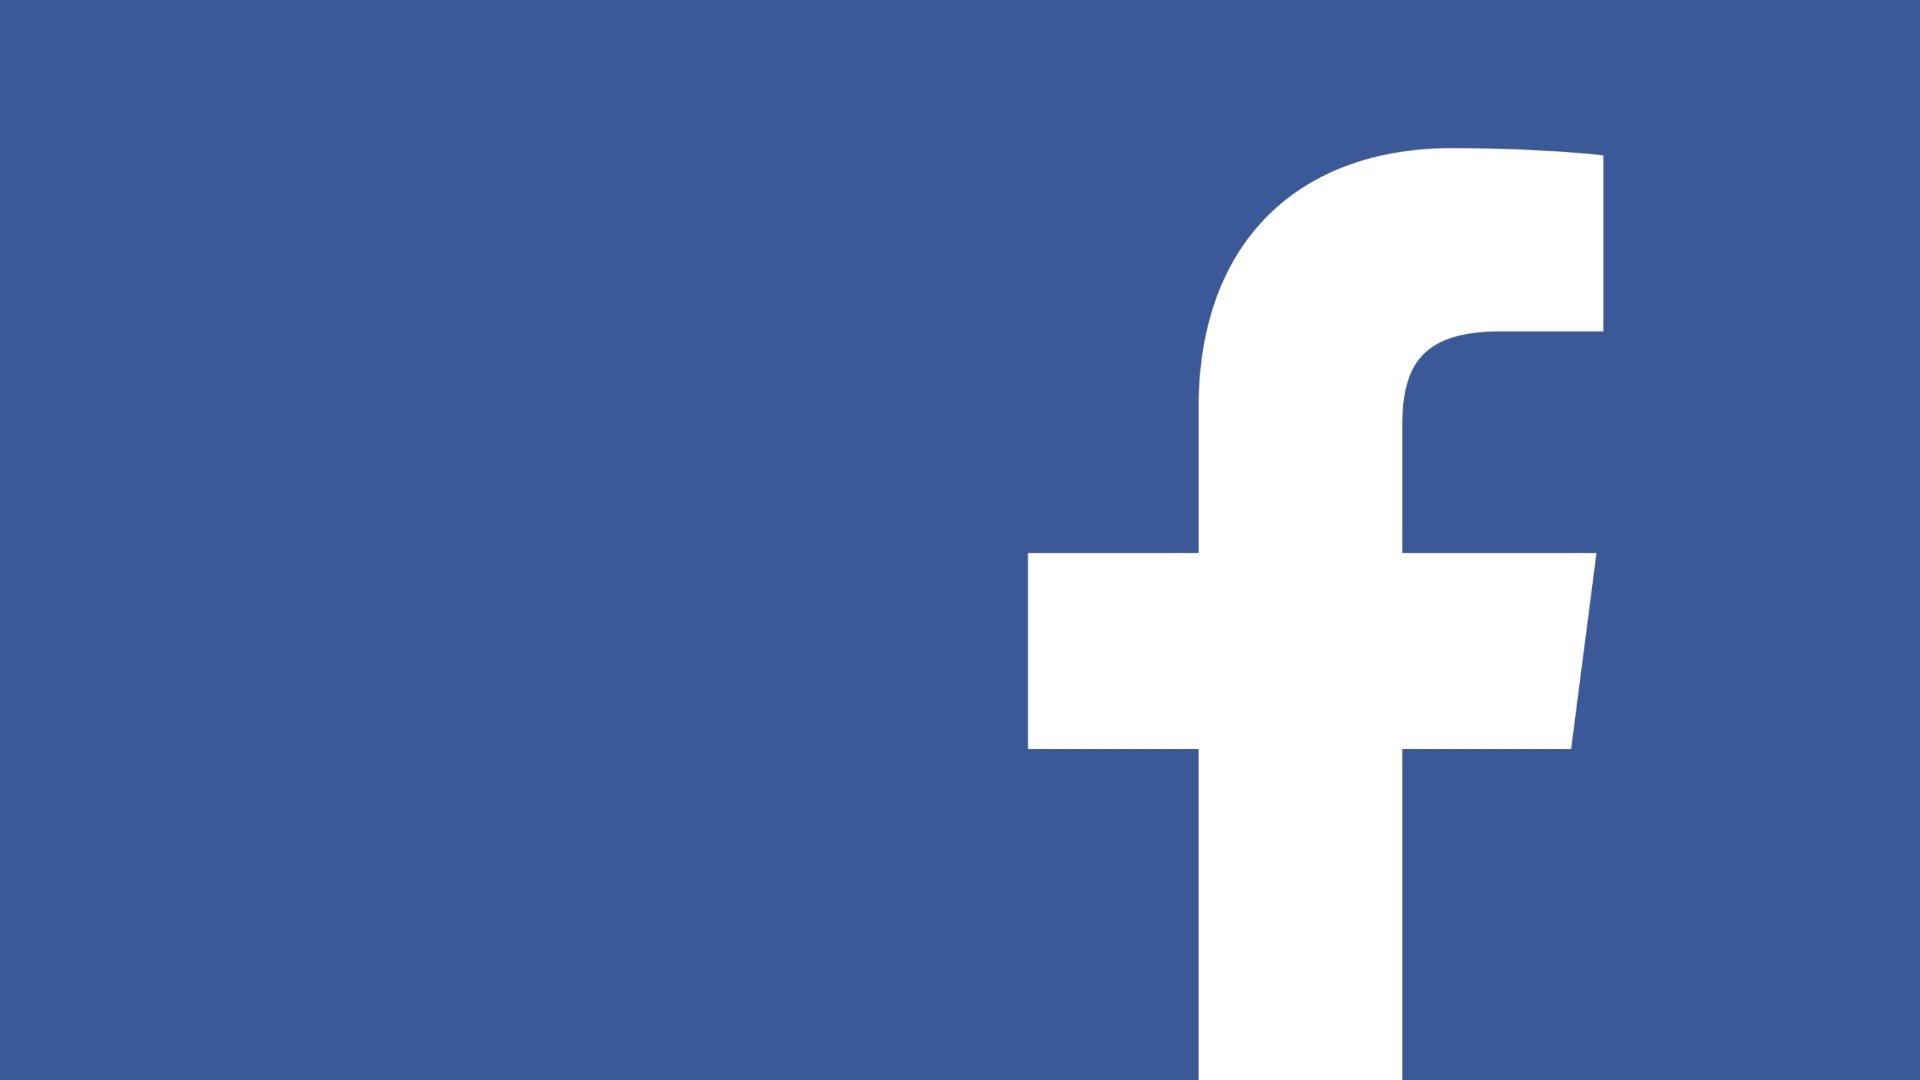 Seda arvavad kasutajad Androidi jaoks mõeldud Facebookist!